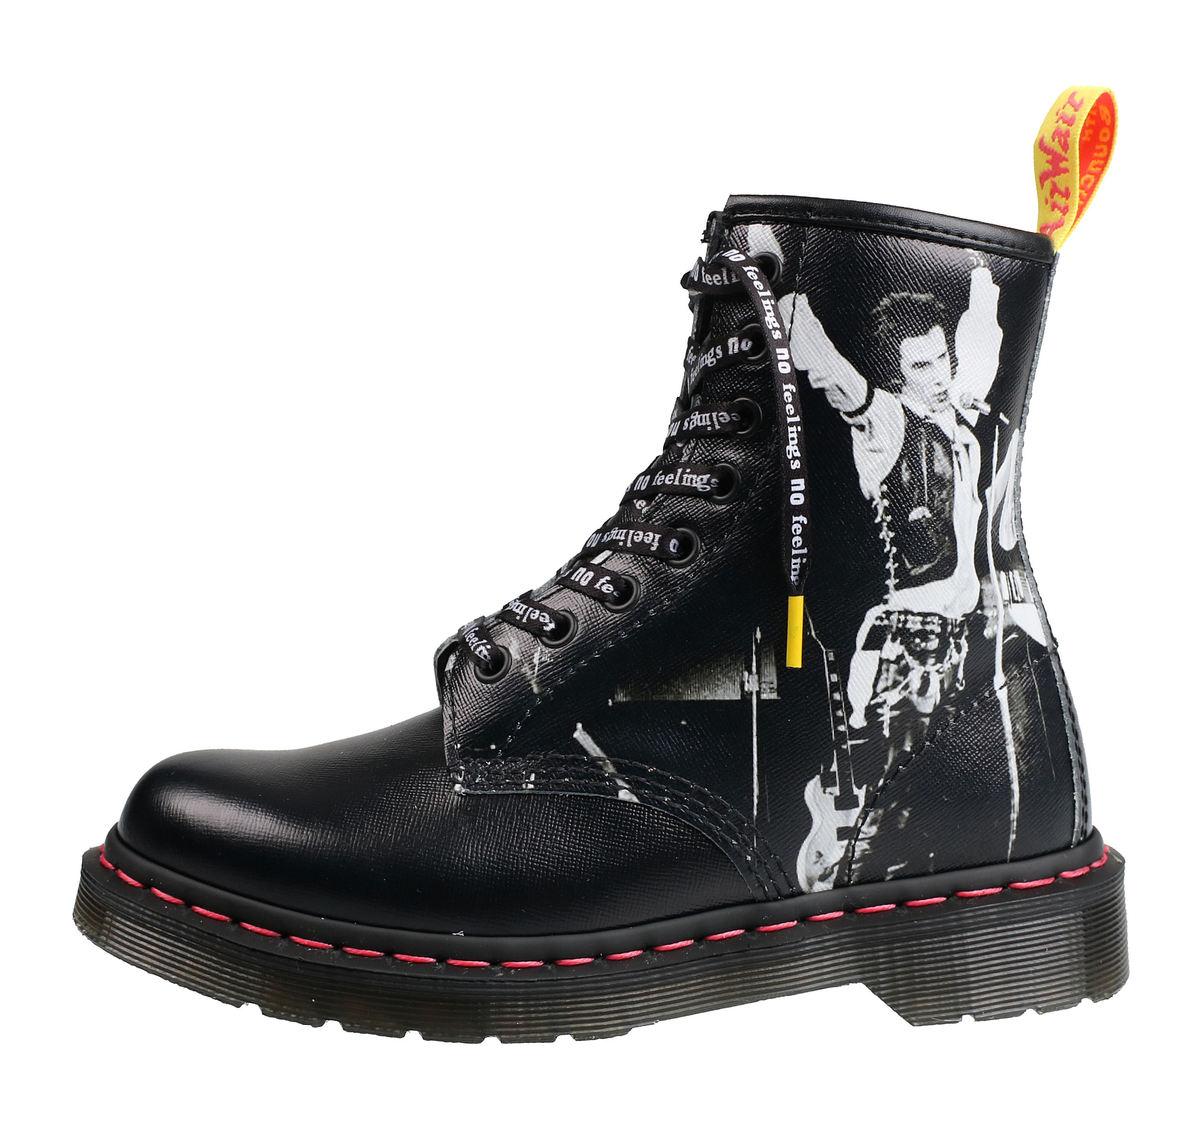 ce4ed8bd48 boty koďż˝enďż˝ unisex Sex Pistols - 8 dďż˝rkovďż˝ - Dr